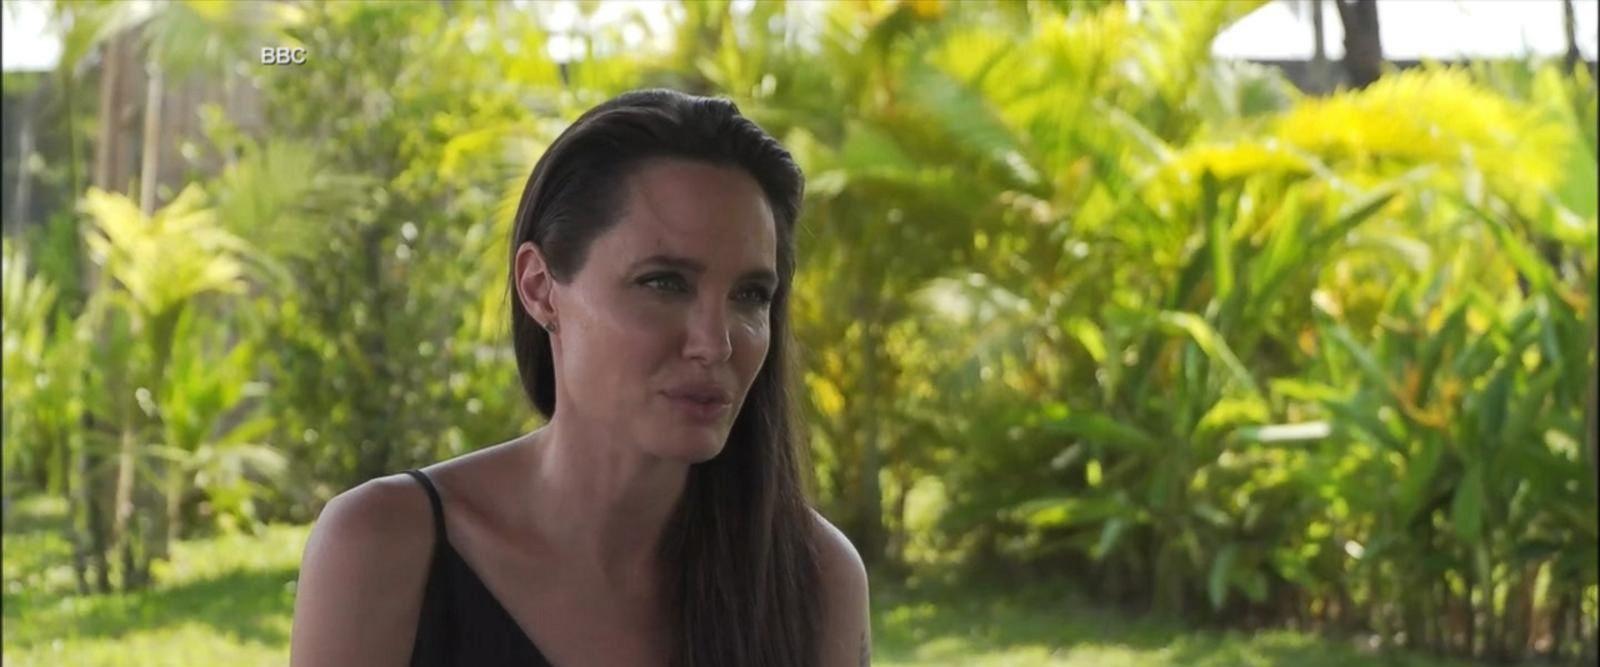 VIDEO: Angelina Jolie breaks her silence on split from Brad Pitt